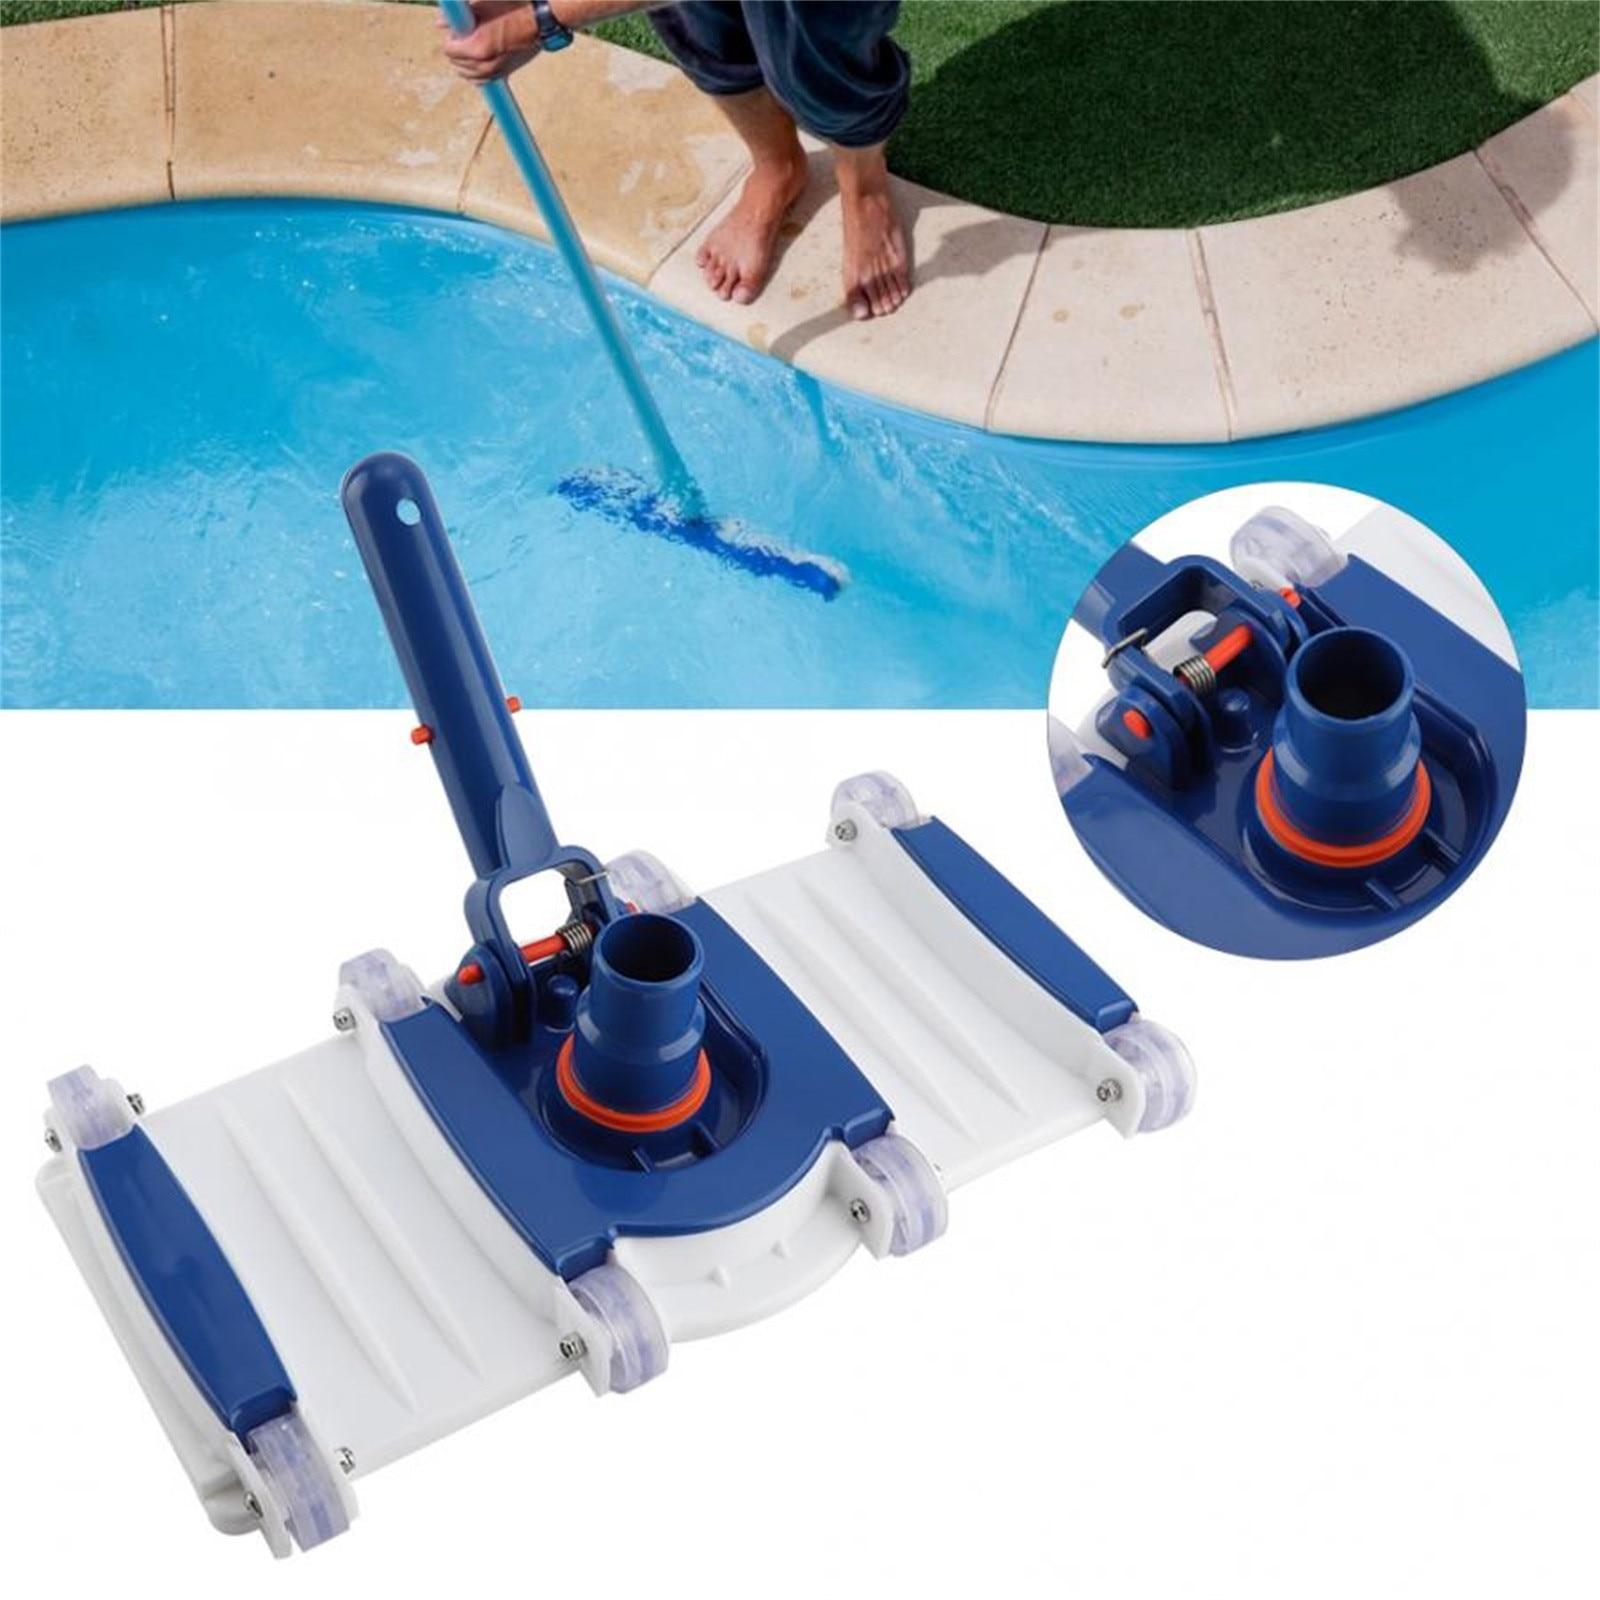 Cepillo de limpieza portátil para piscina, Cepillo de limpieza portátil para piscinas,...